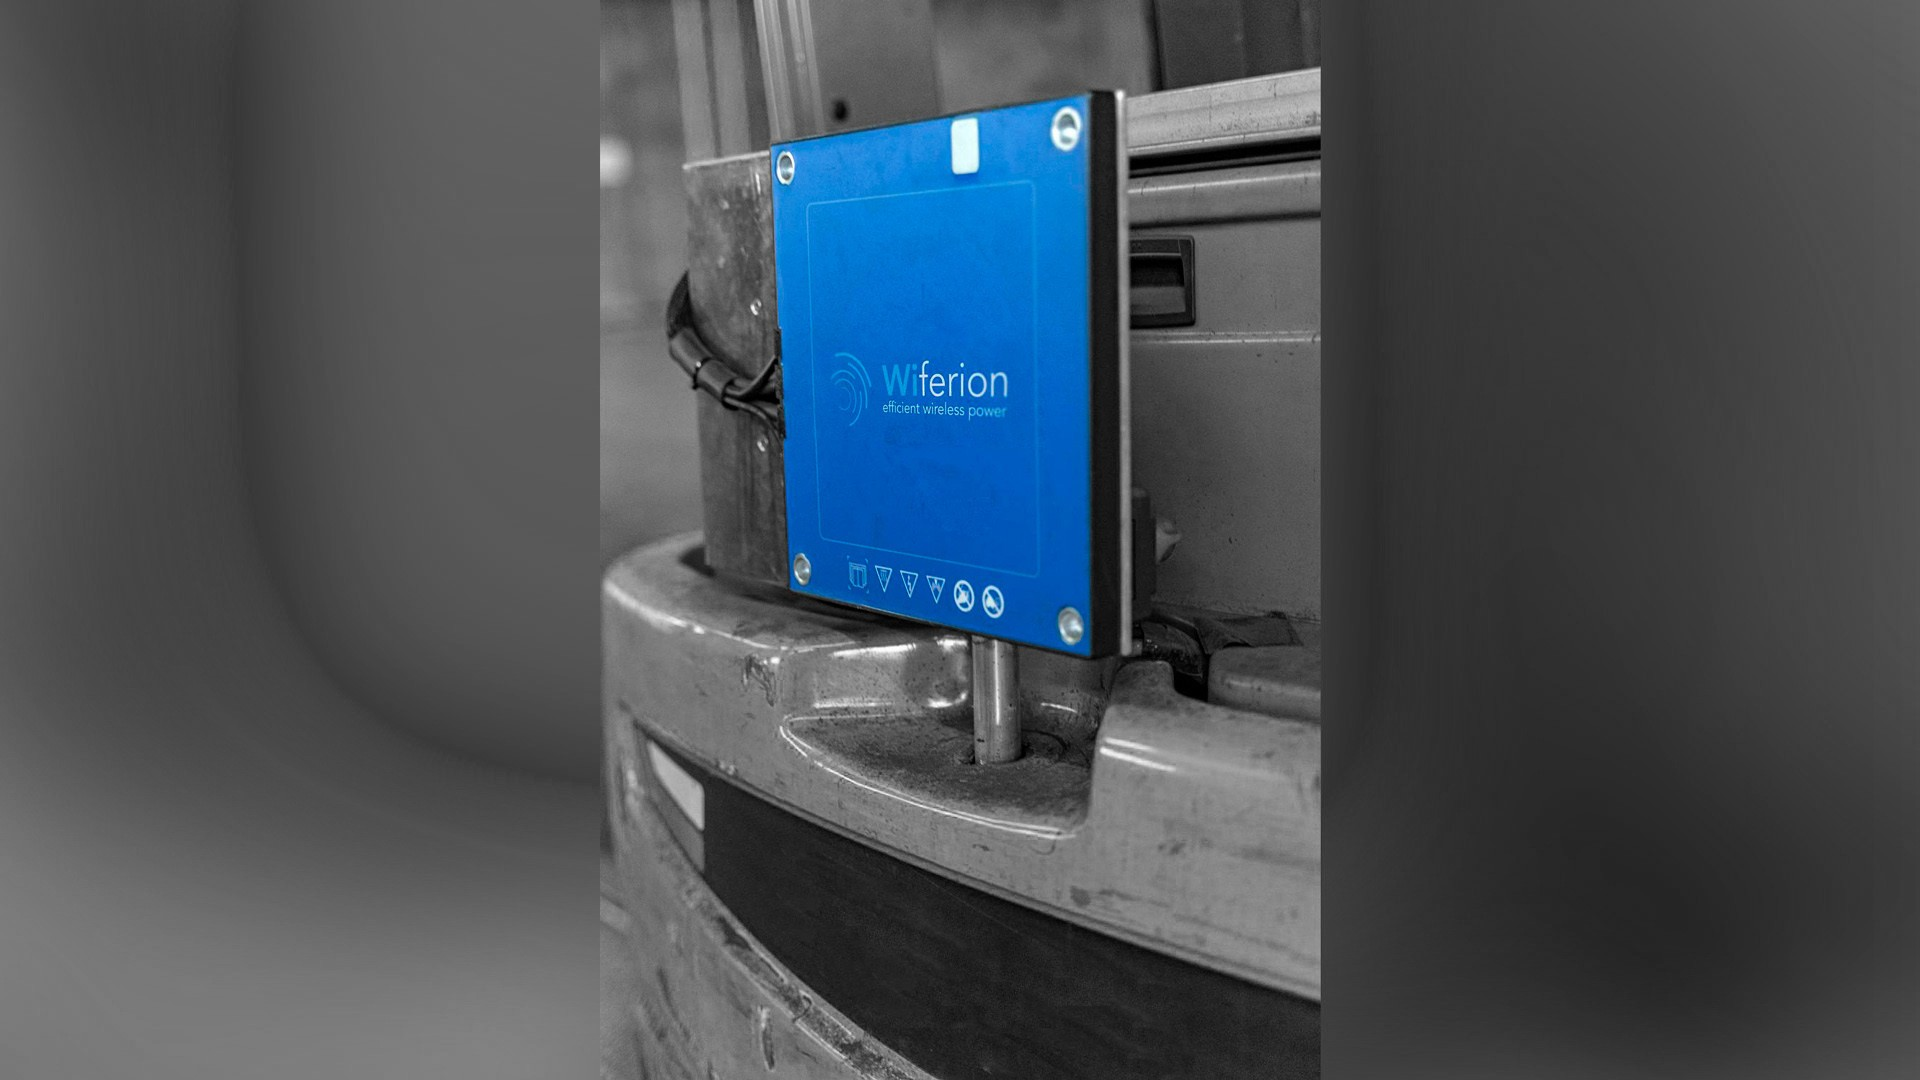 induktives laden jungheinrich nachruesten retrofit wireless charging